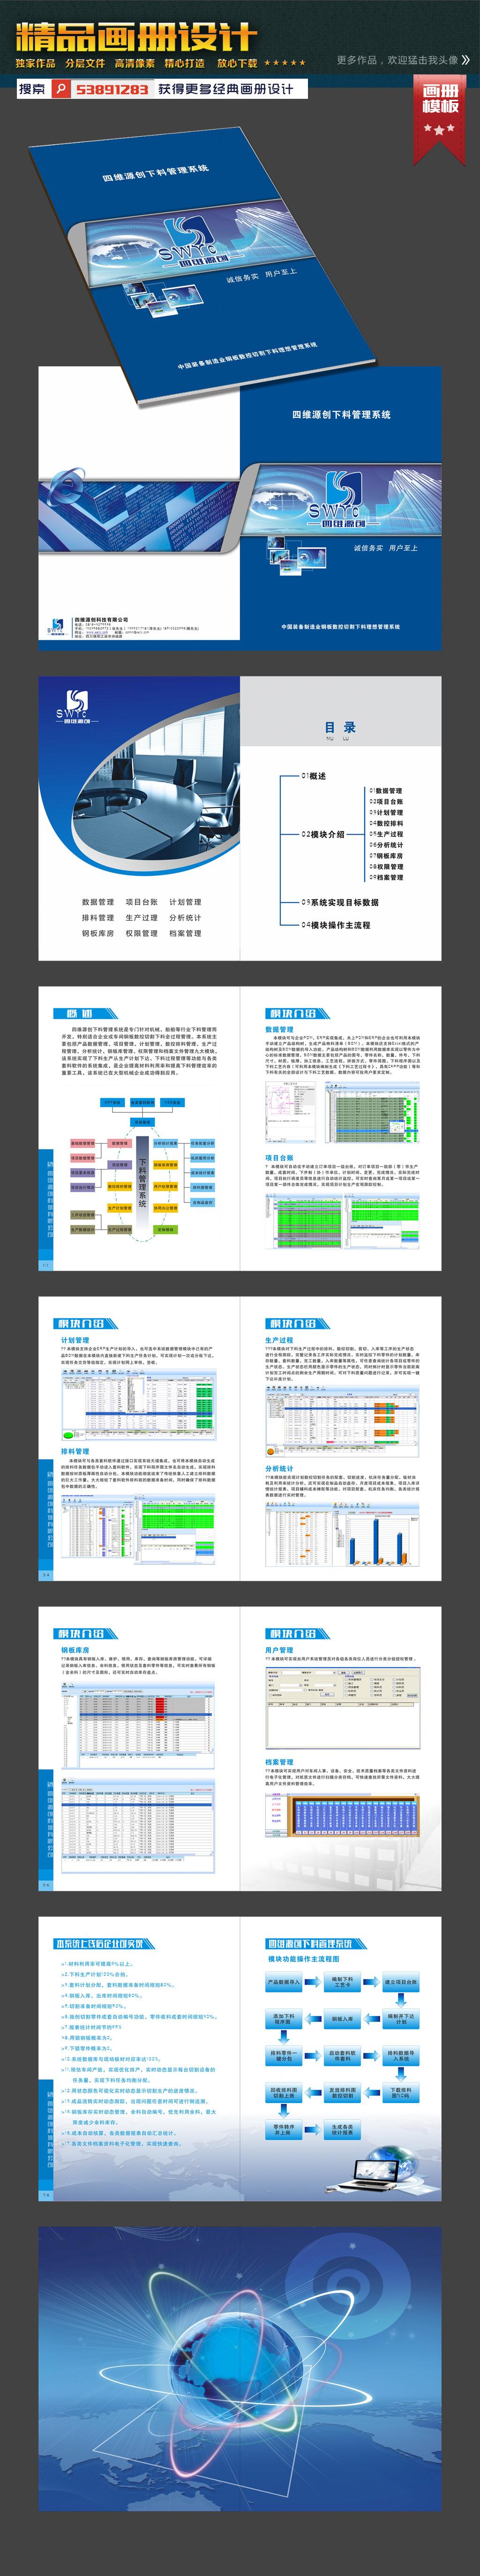 安全管理系统企业公司画册